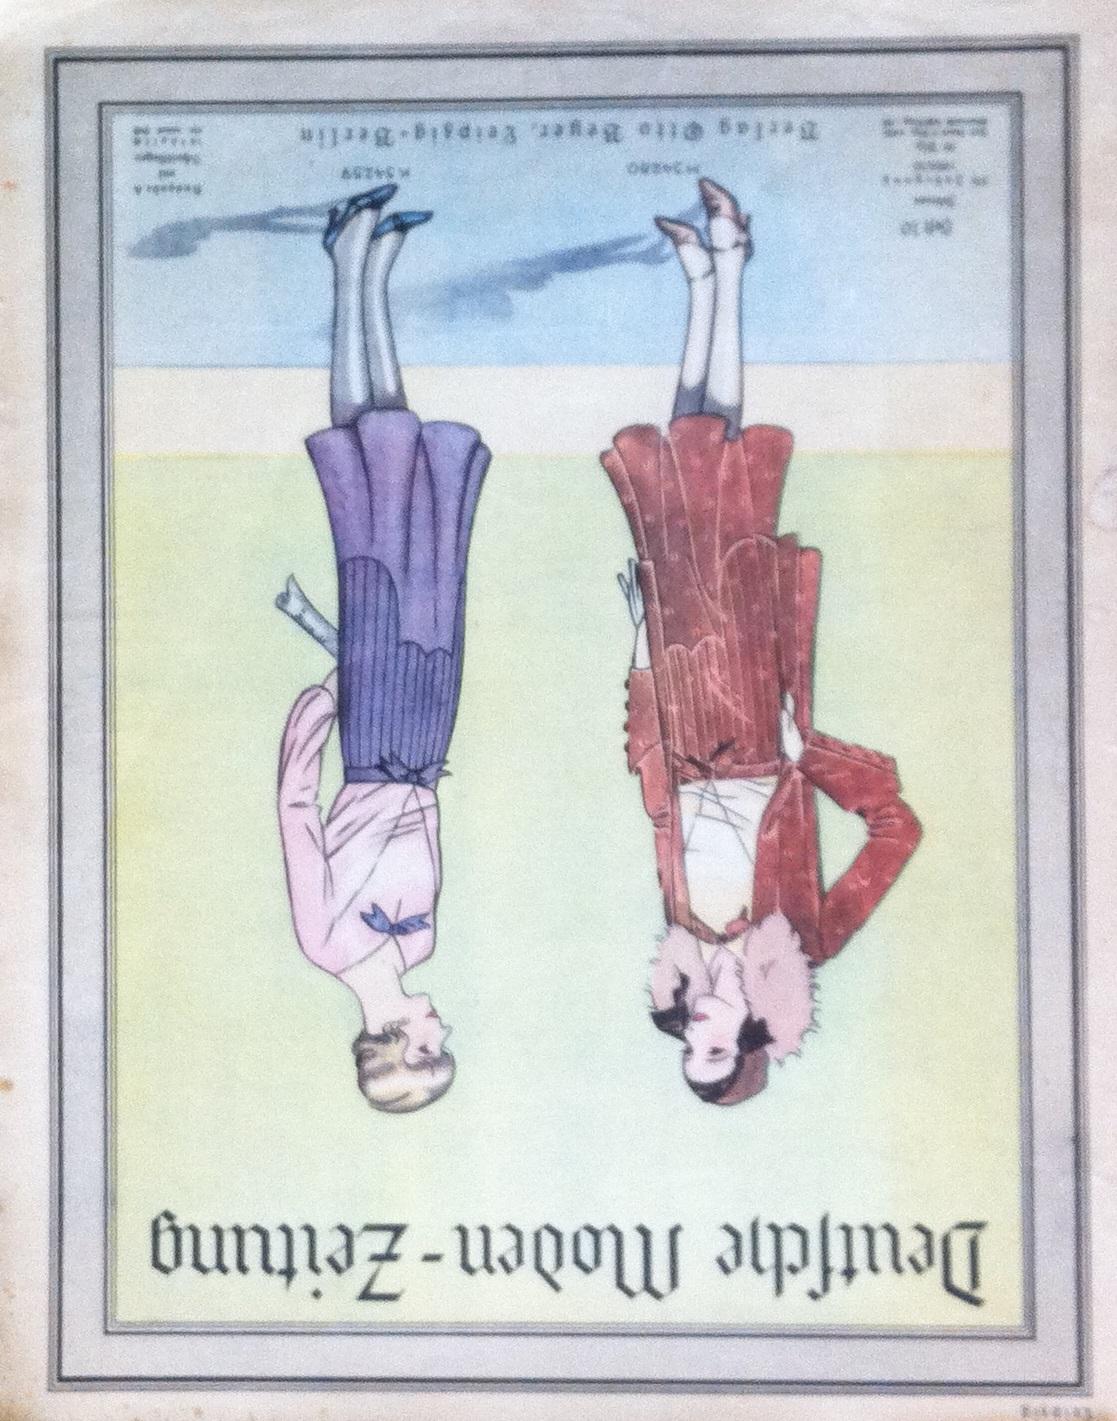 Deutsche Moden-Zeitung No. 10 Vol. 39 1929/30